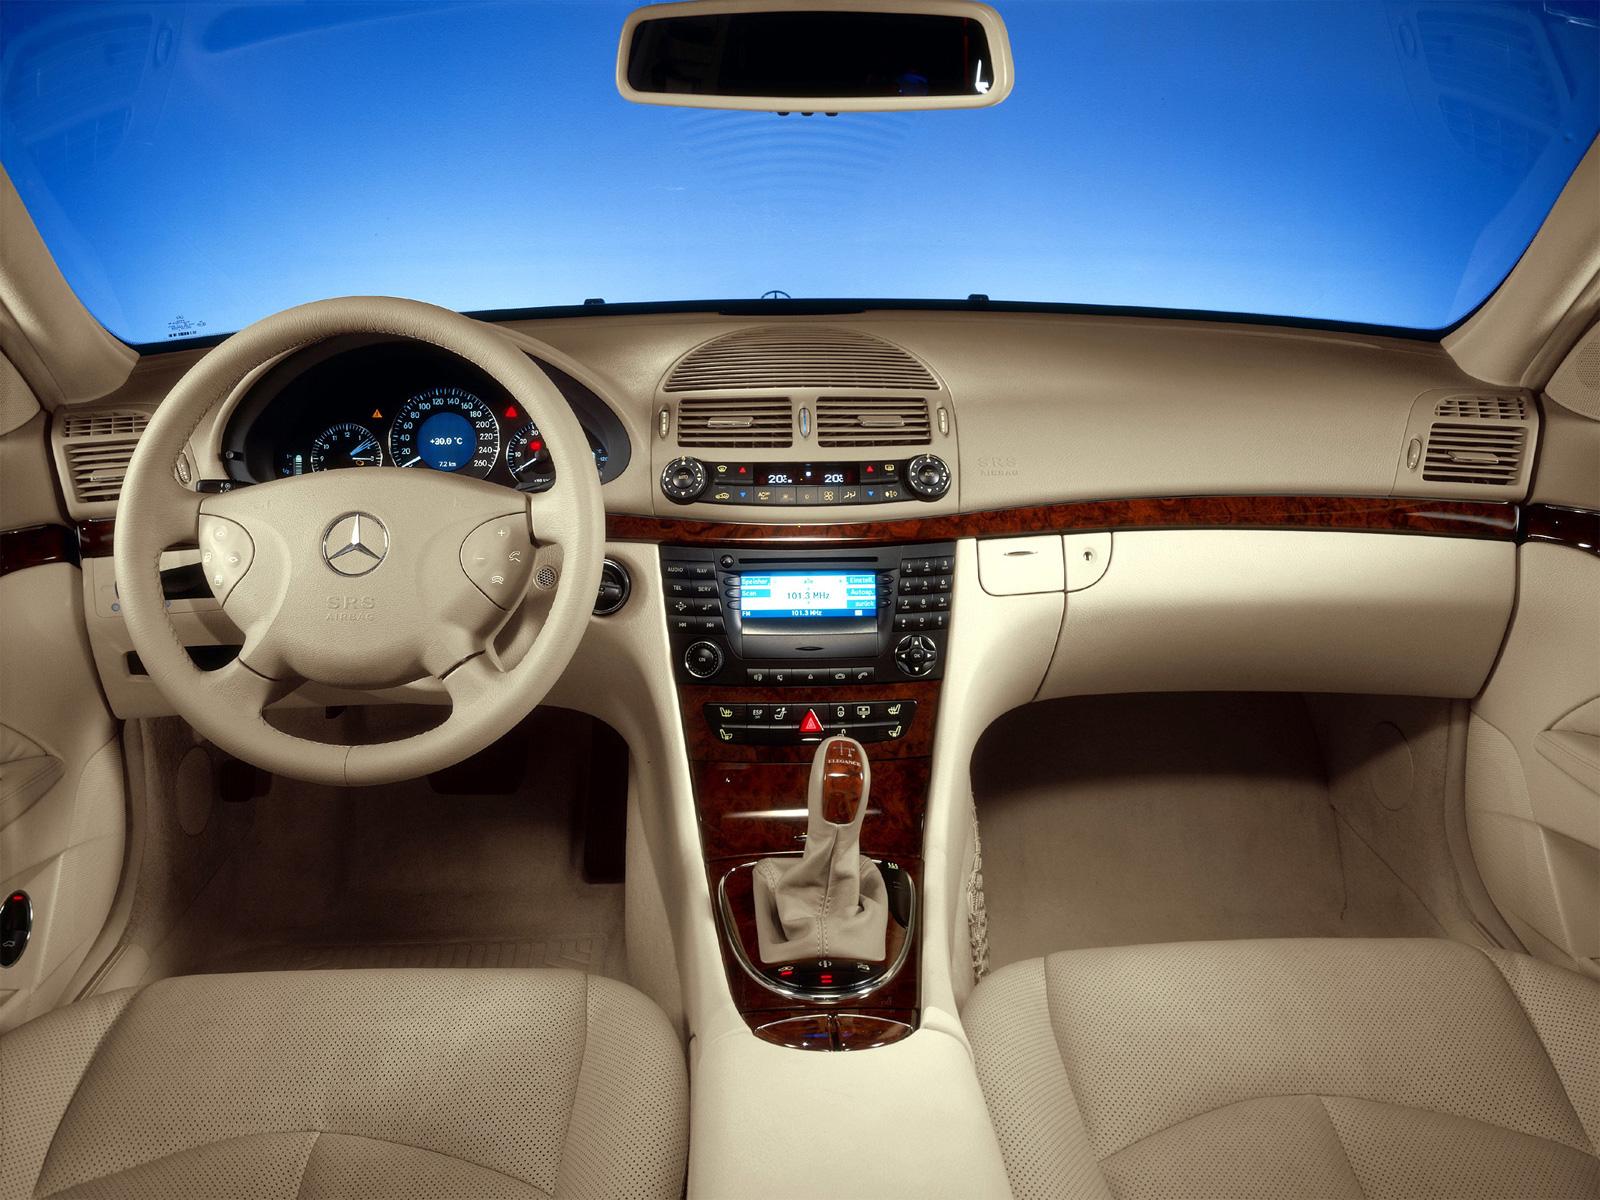 Mercedes Benz E Class W211 технические характеристики обзор и